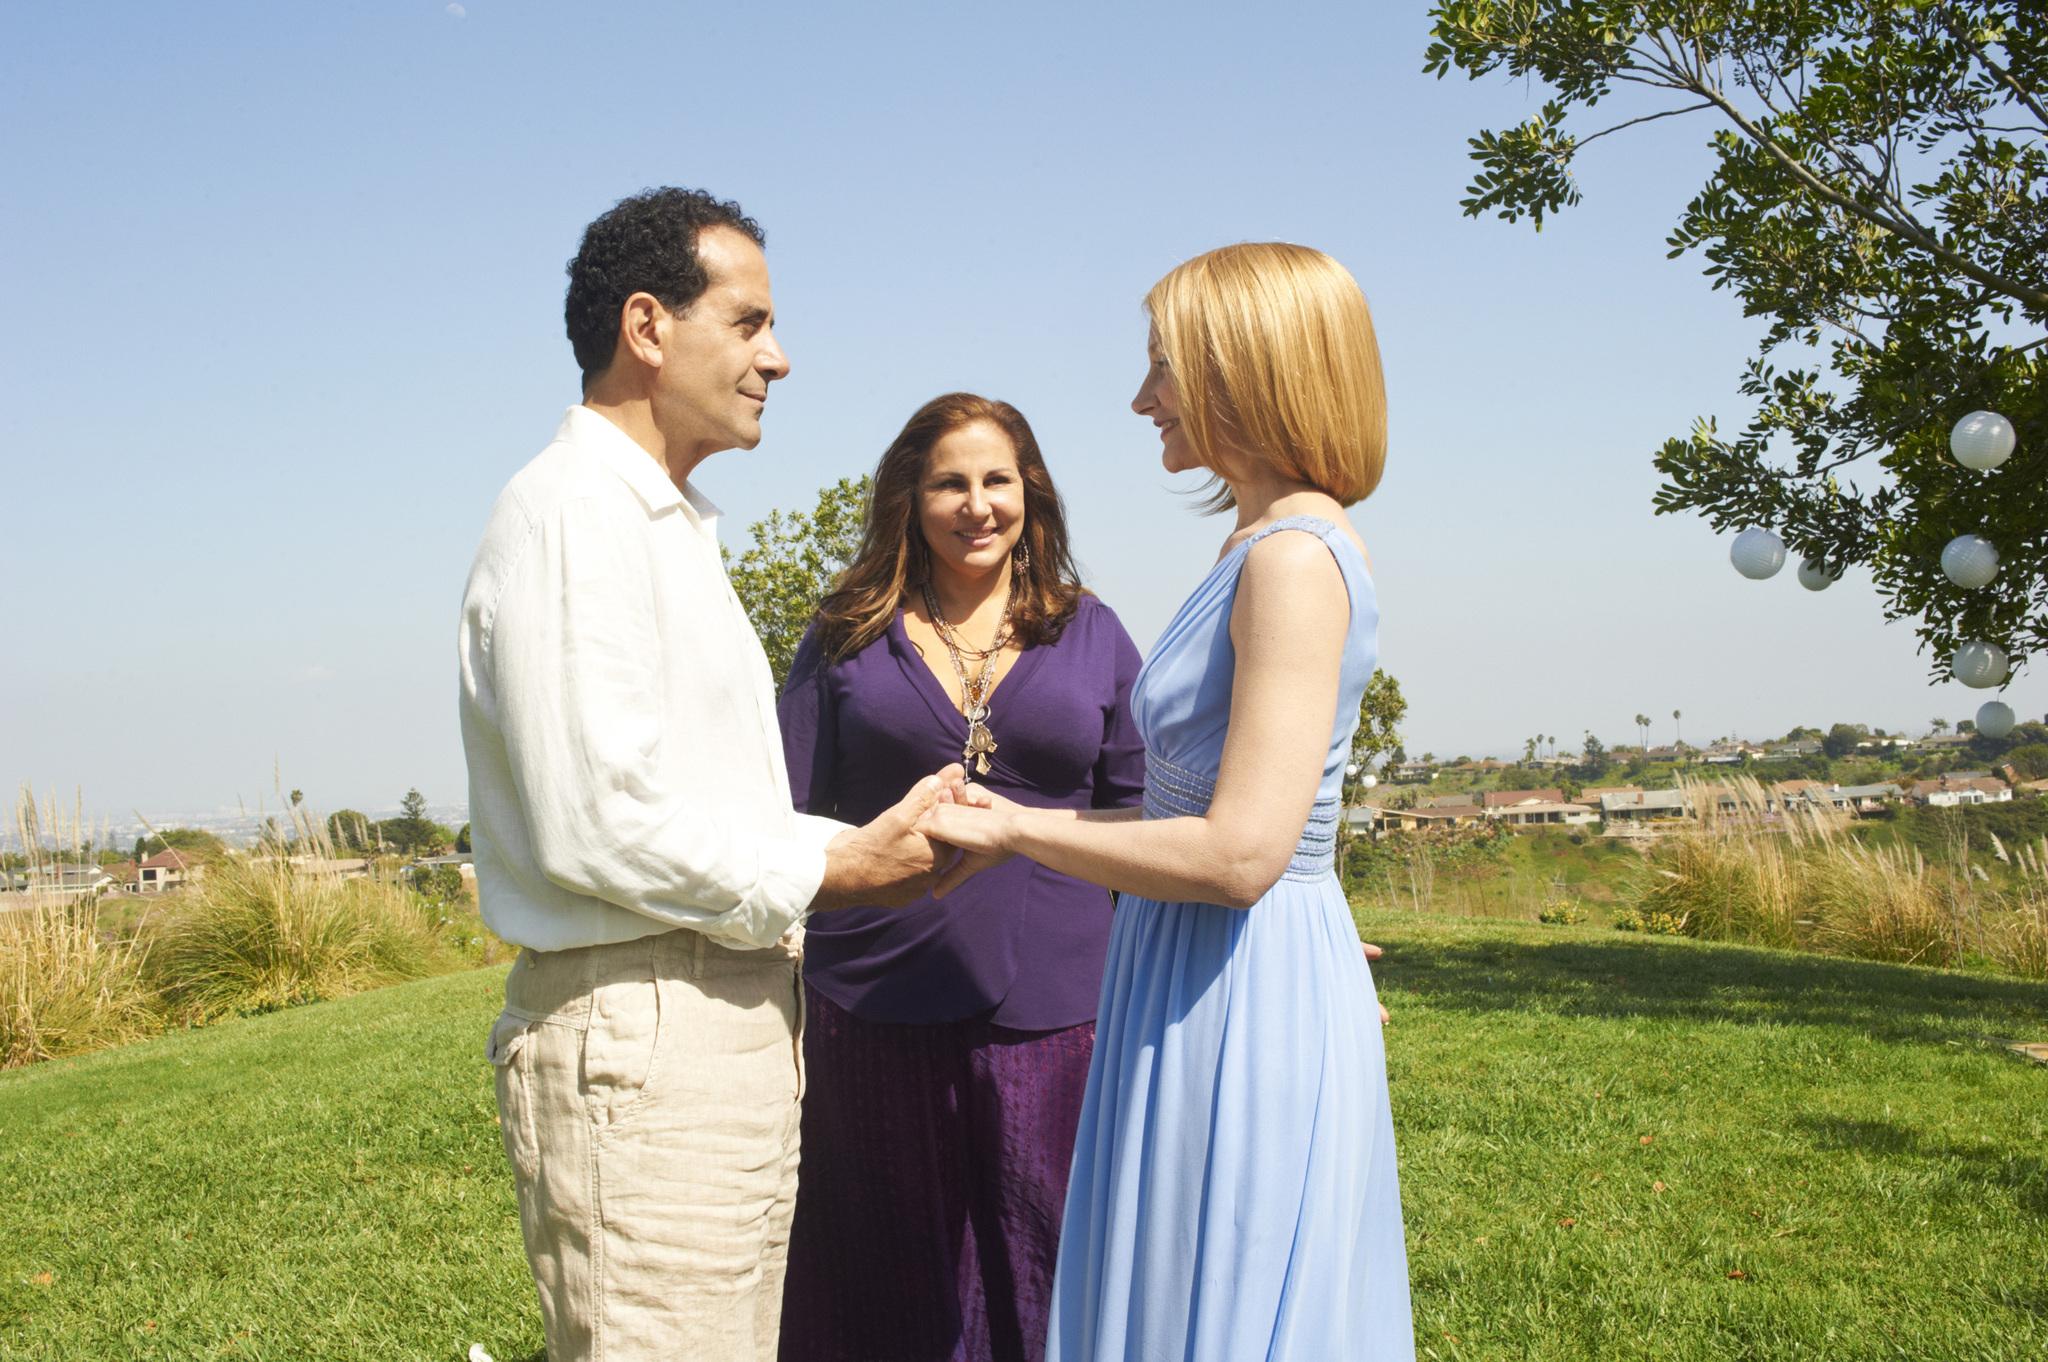 Still of Kathy Najimy, Tony Shalhoub and Patricia Clarkson in Five (2011)